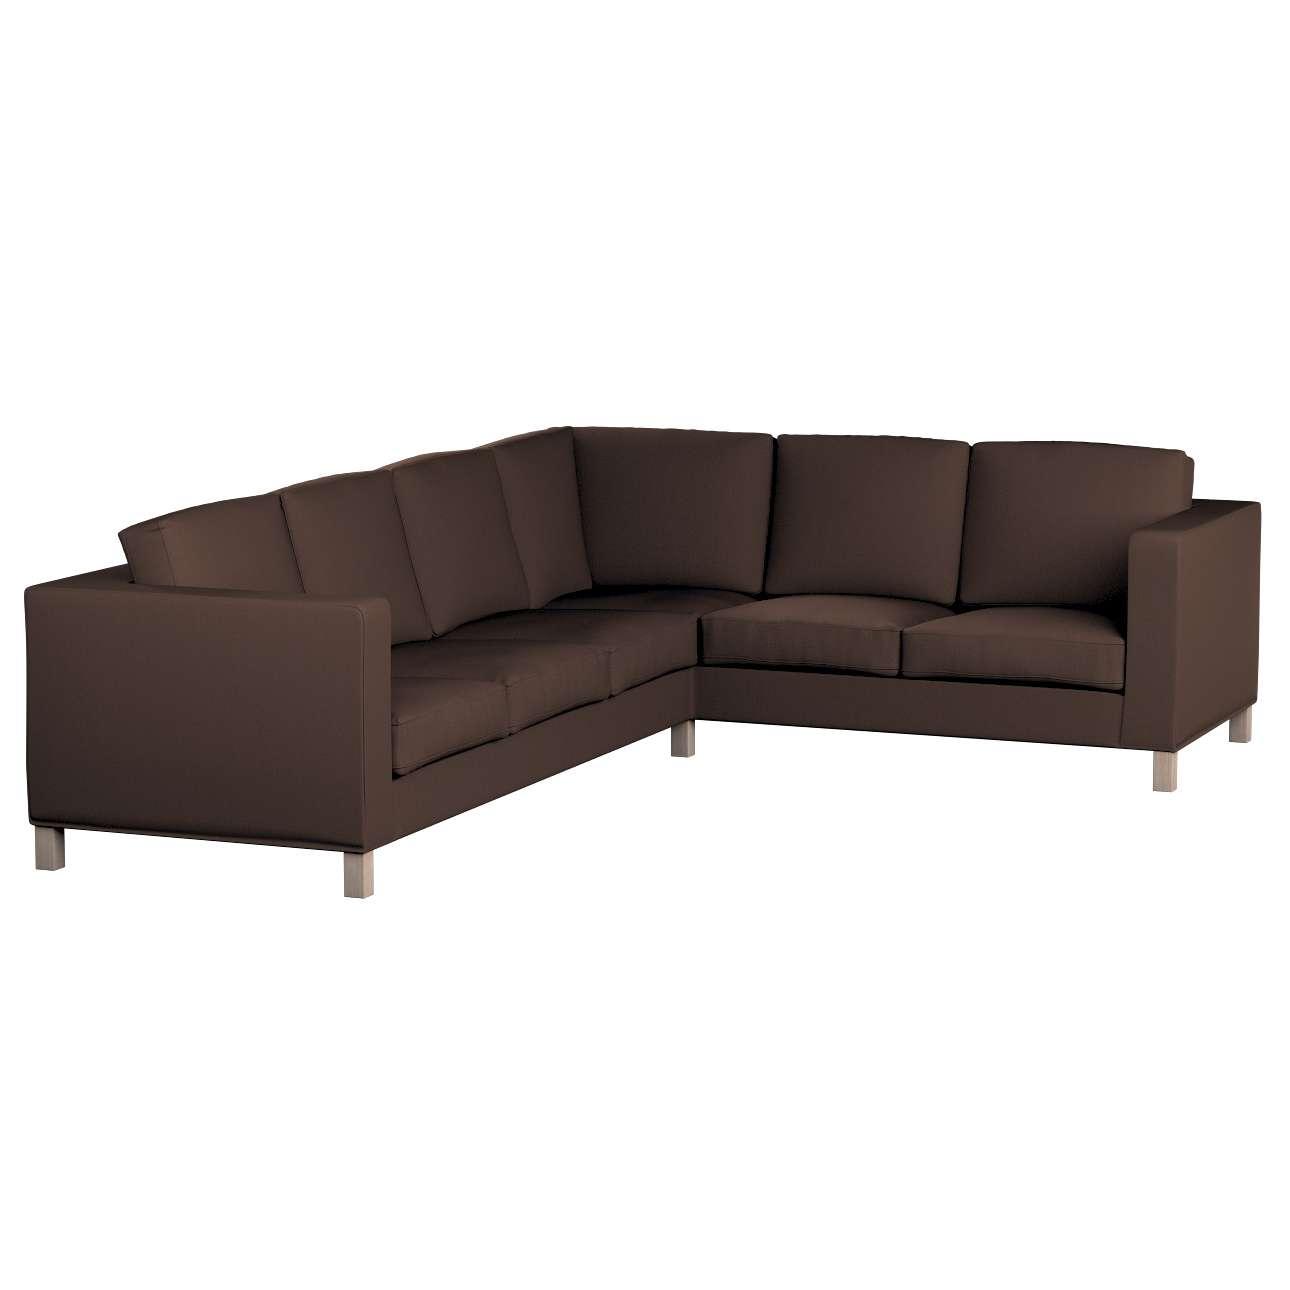 Pokrowiec na sofę narożną lewostronną Karlanda w kolekcji Bergen, tkanina: 161-73